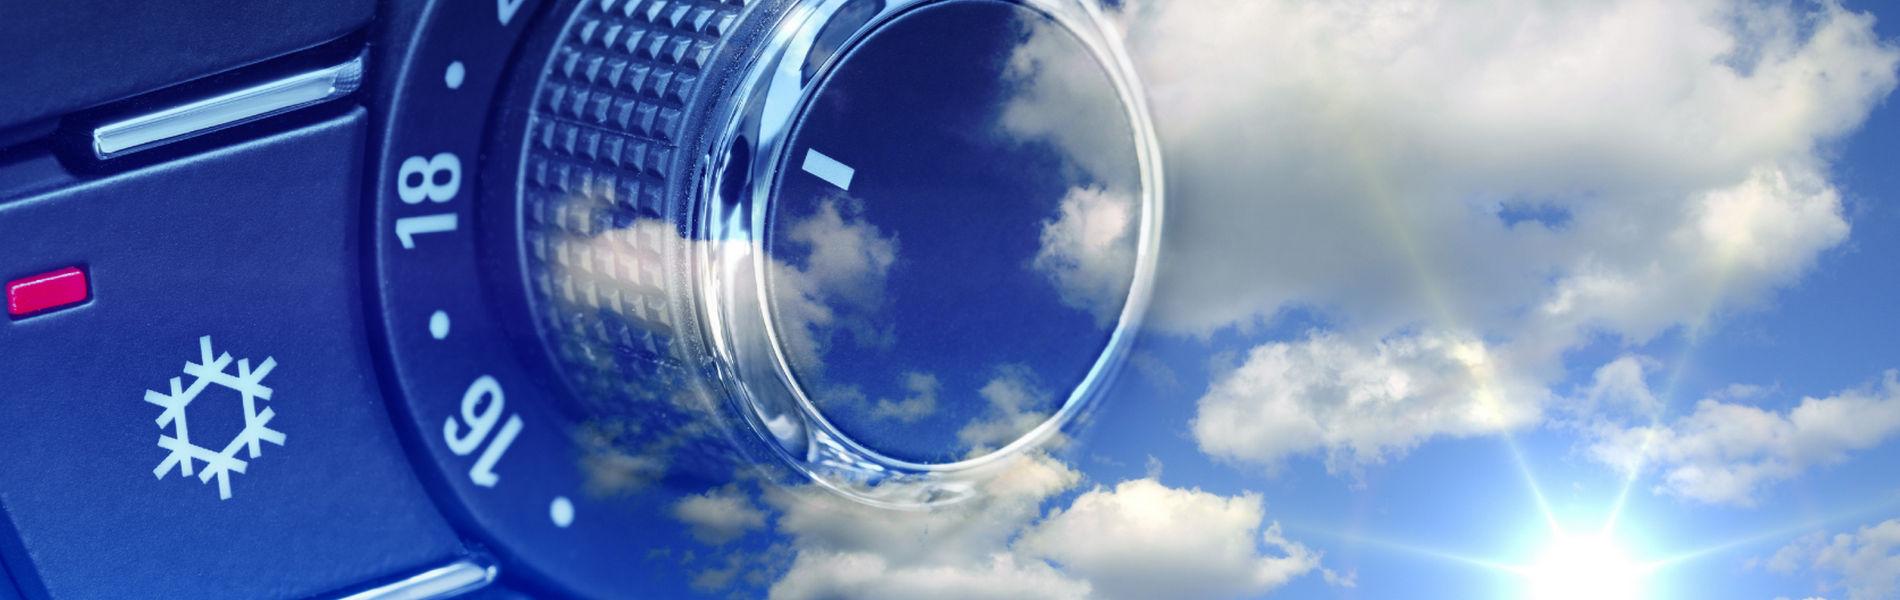 Climatisation et gestion d'énergie